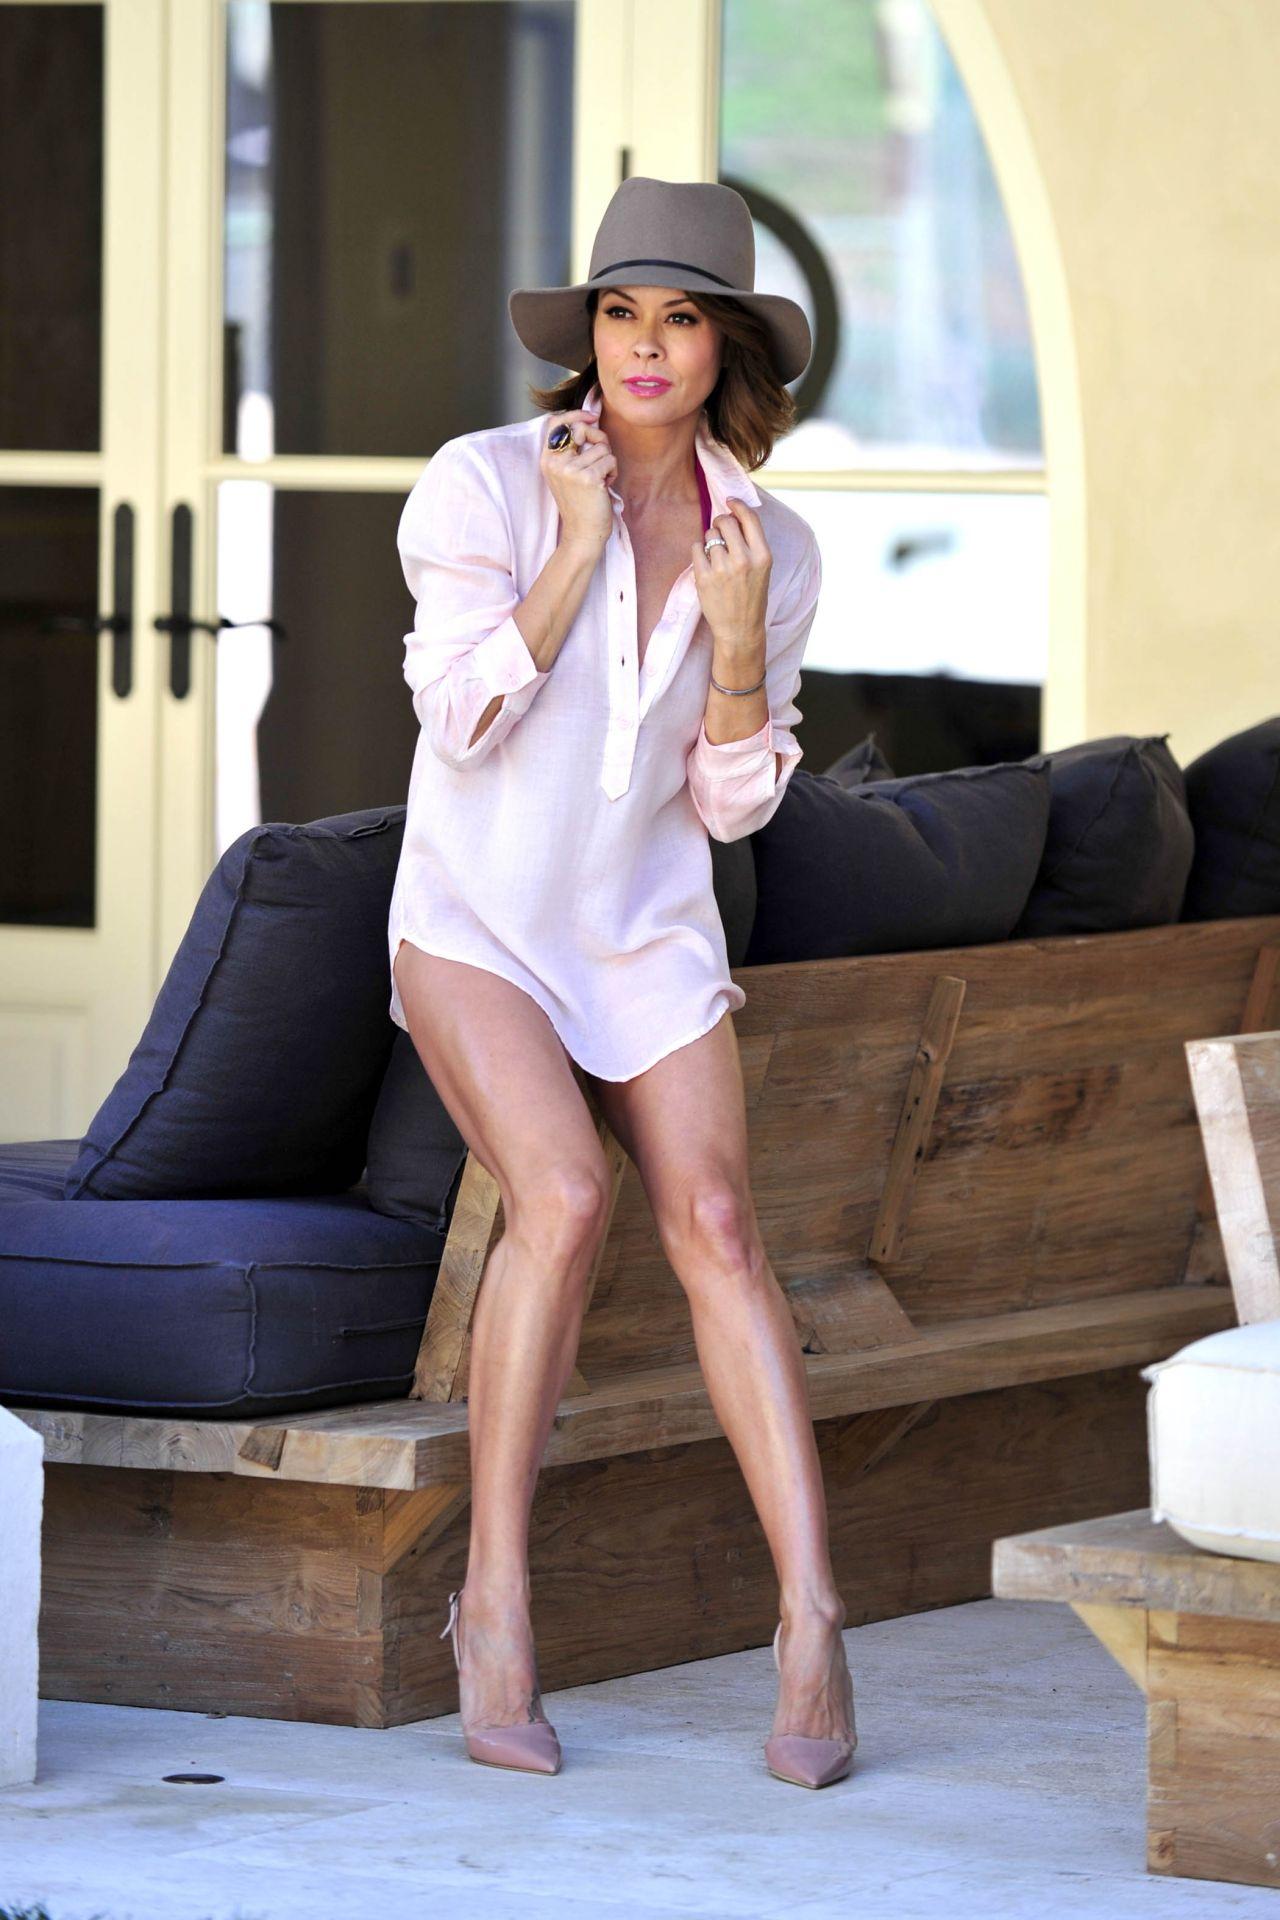 Blogger Brooke burke photo shoot